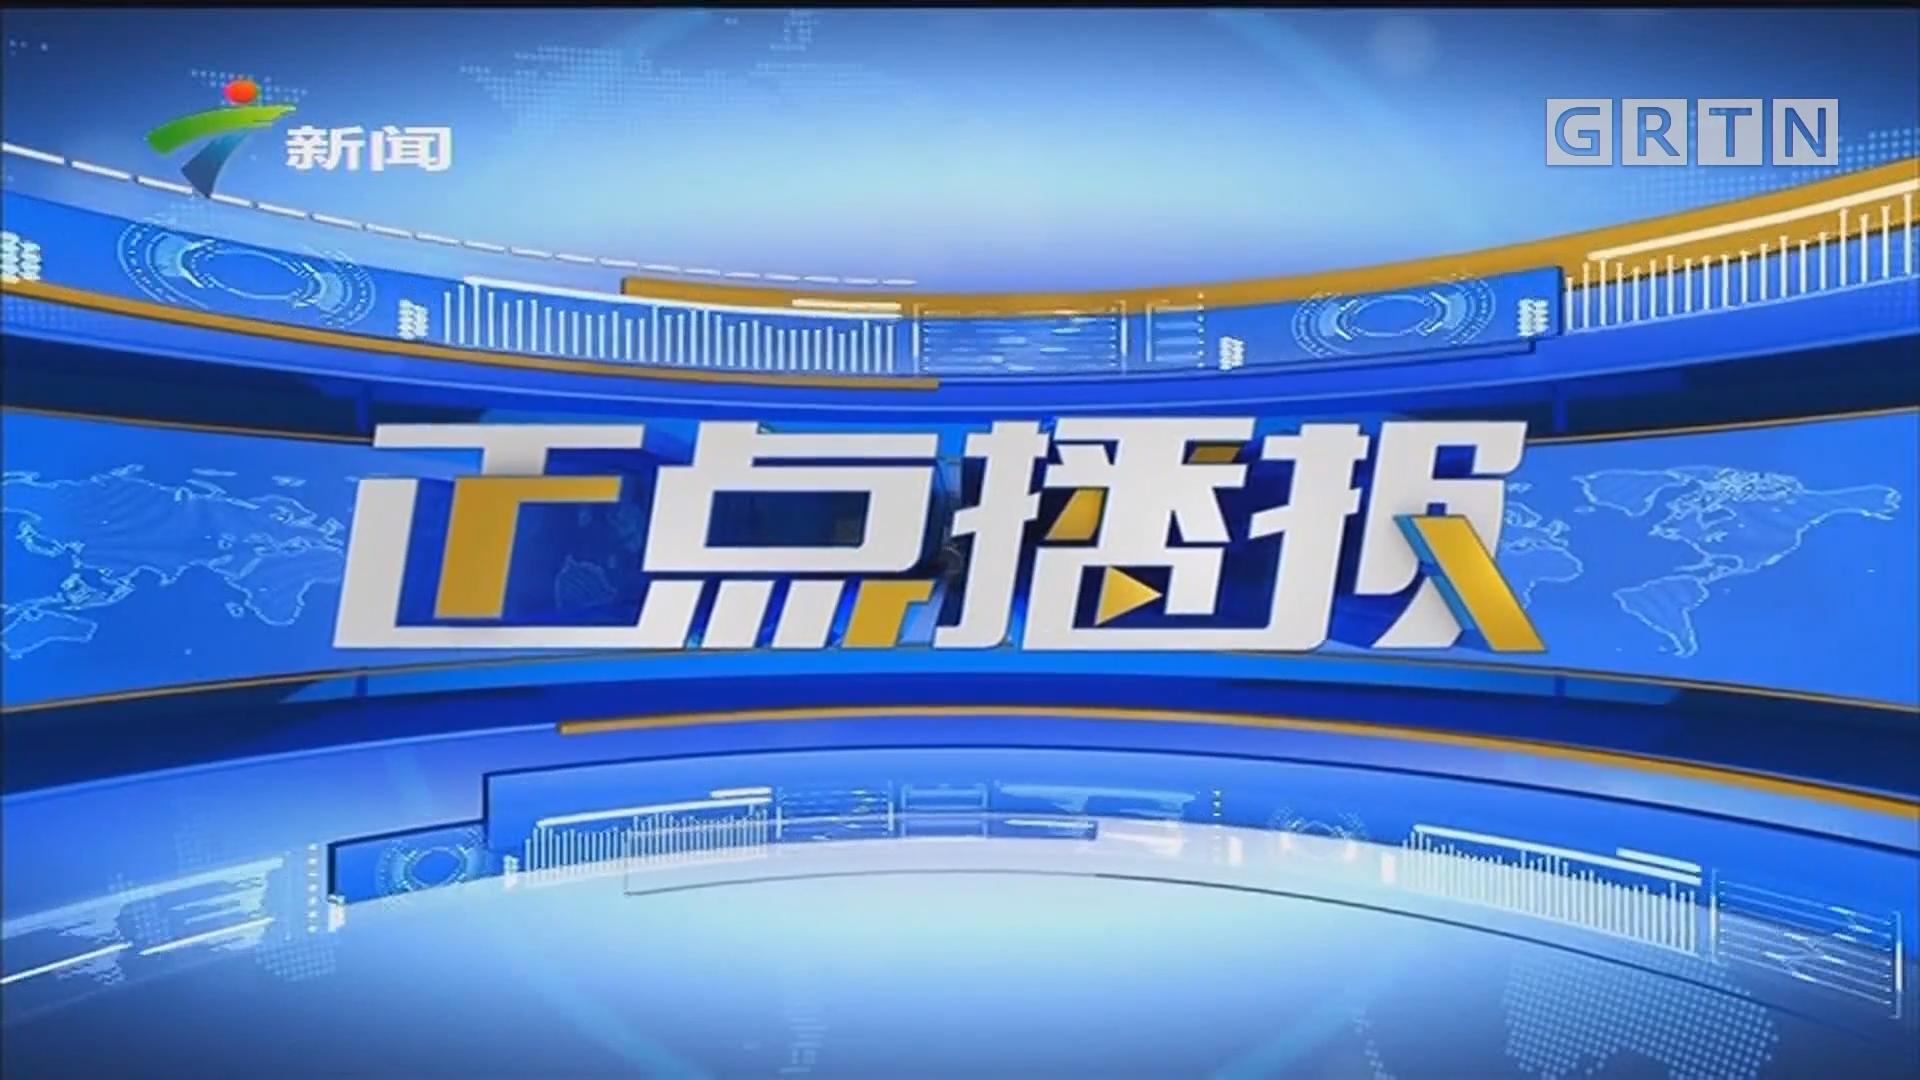 [HD][2019-08-01]正点播报:记者直击:湛江徐闻海安新港码头预计明日恢复通航